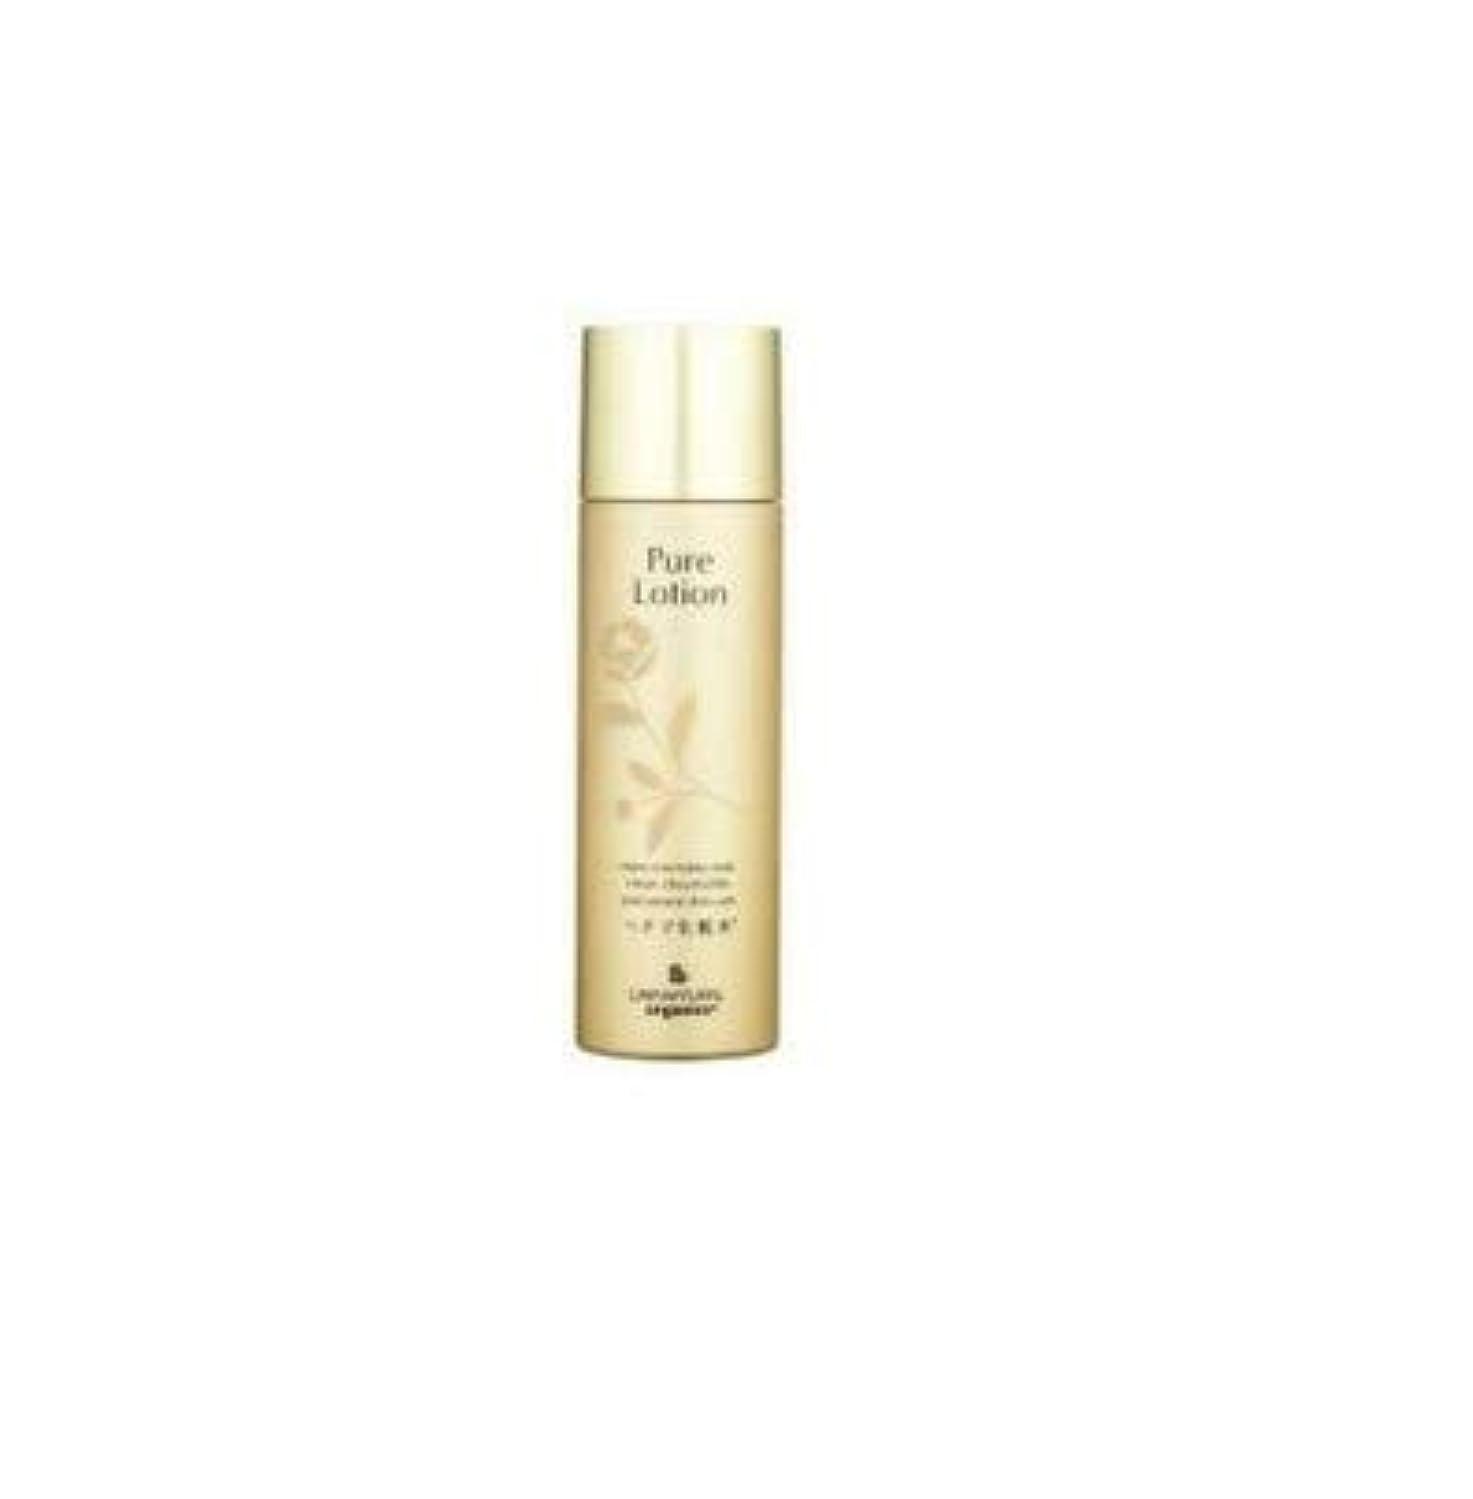 広告する許容できるカロリーリマナチュラル LIMANATURAL ピュアローション 化粧水 スキンケア オーガニック マクロビオテック ナチュラル化粧品 自然派 パラベンフリー 無香料 潤い 洗顔